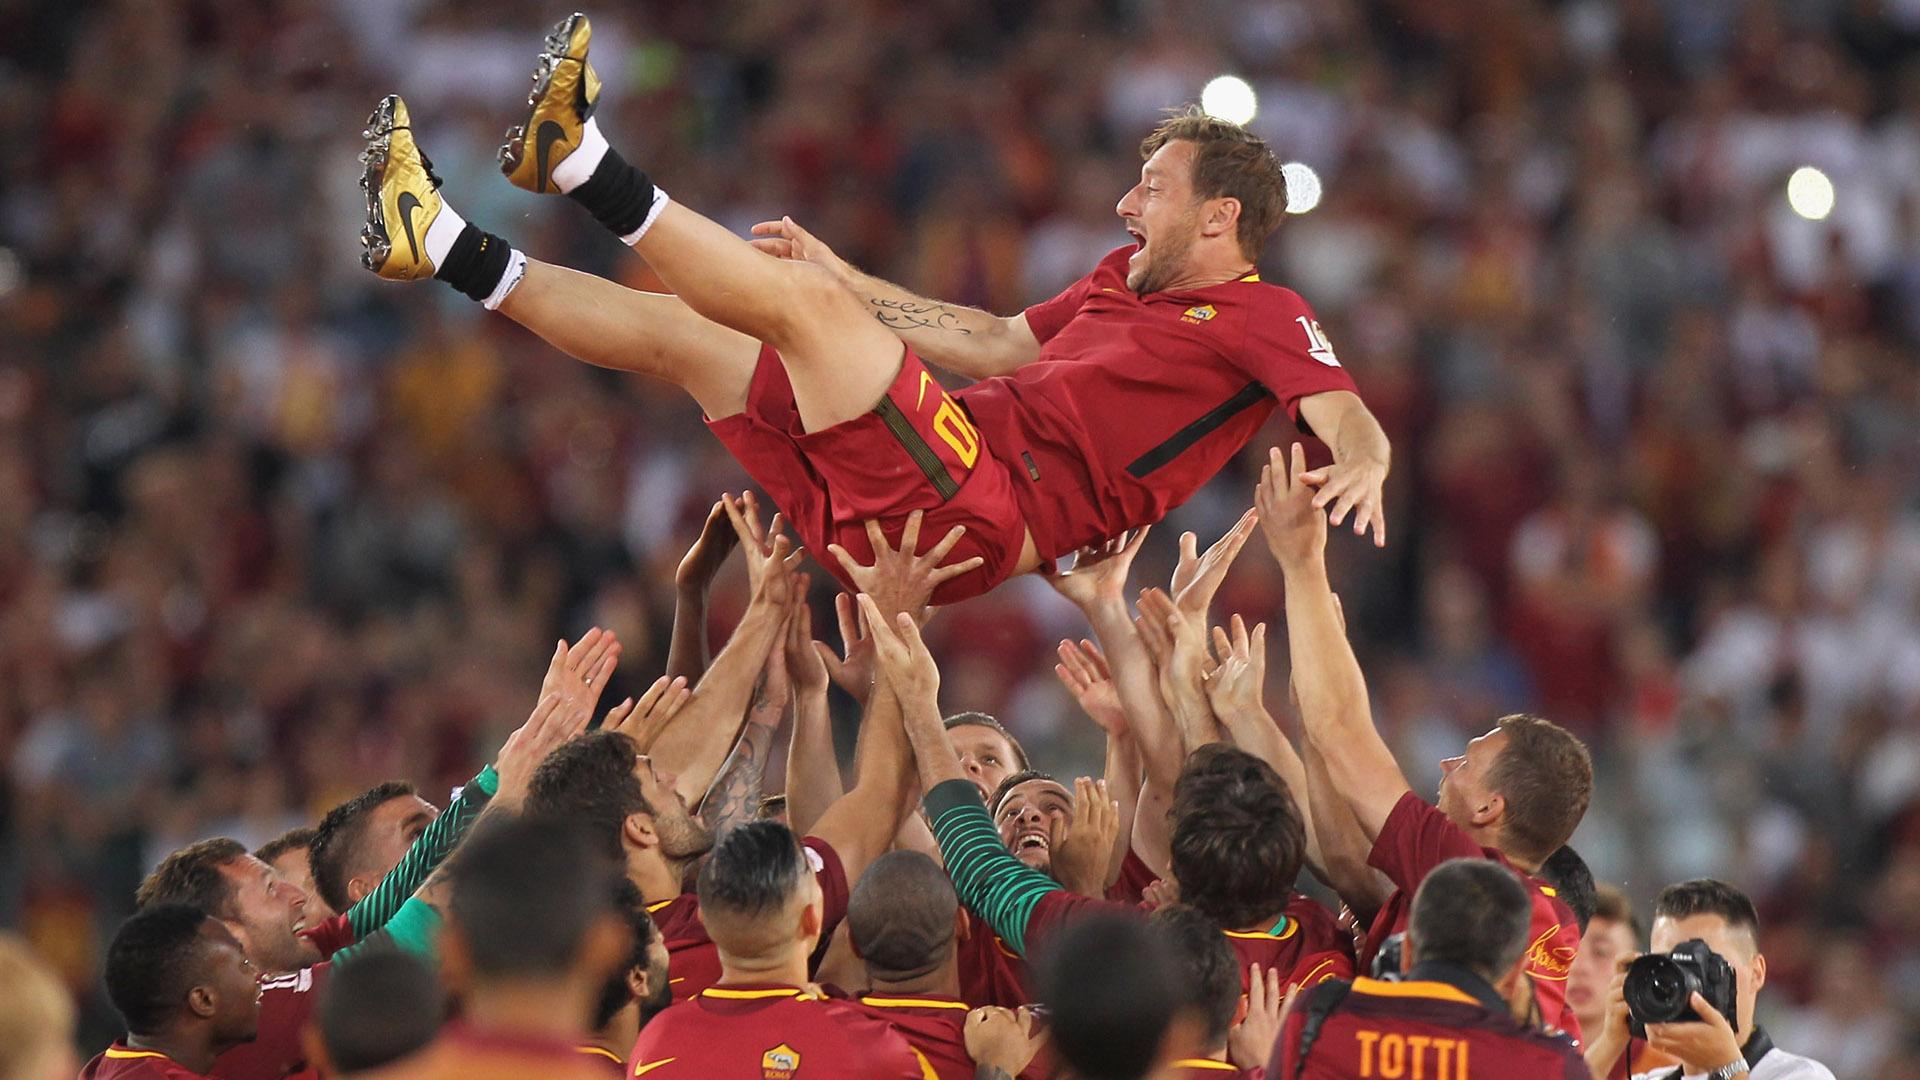 Cori, canti, lacrime per il Totti day E Spalletti se ne va